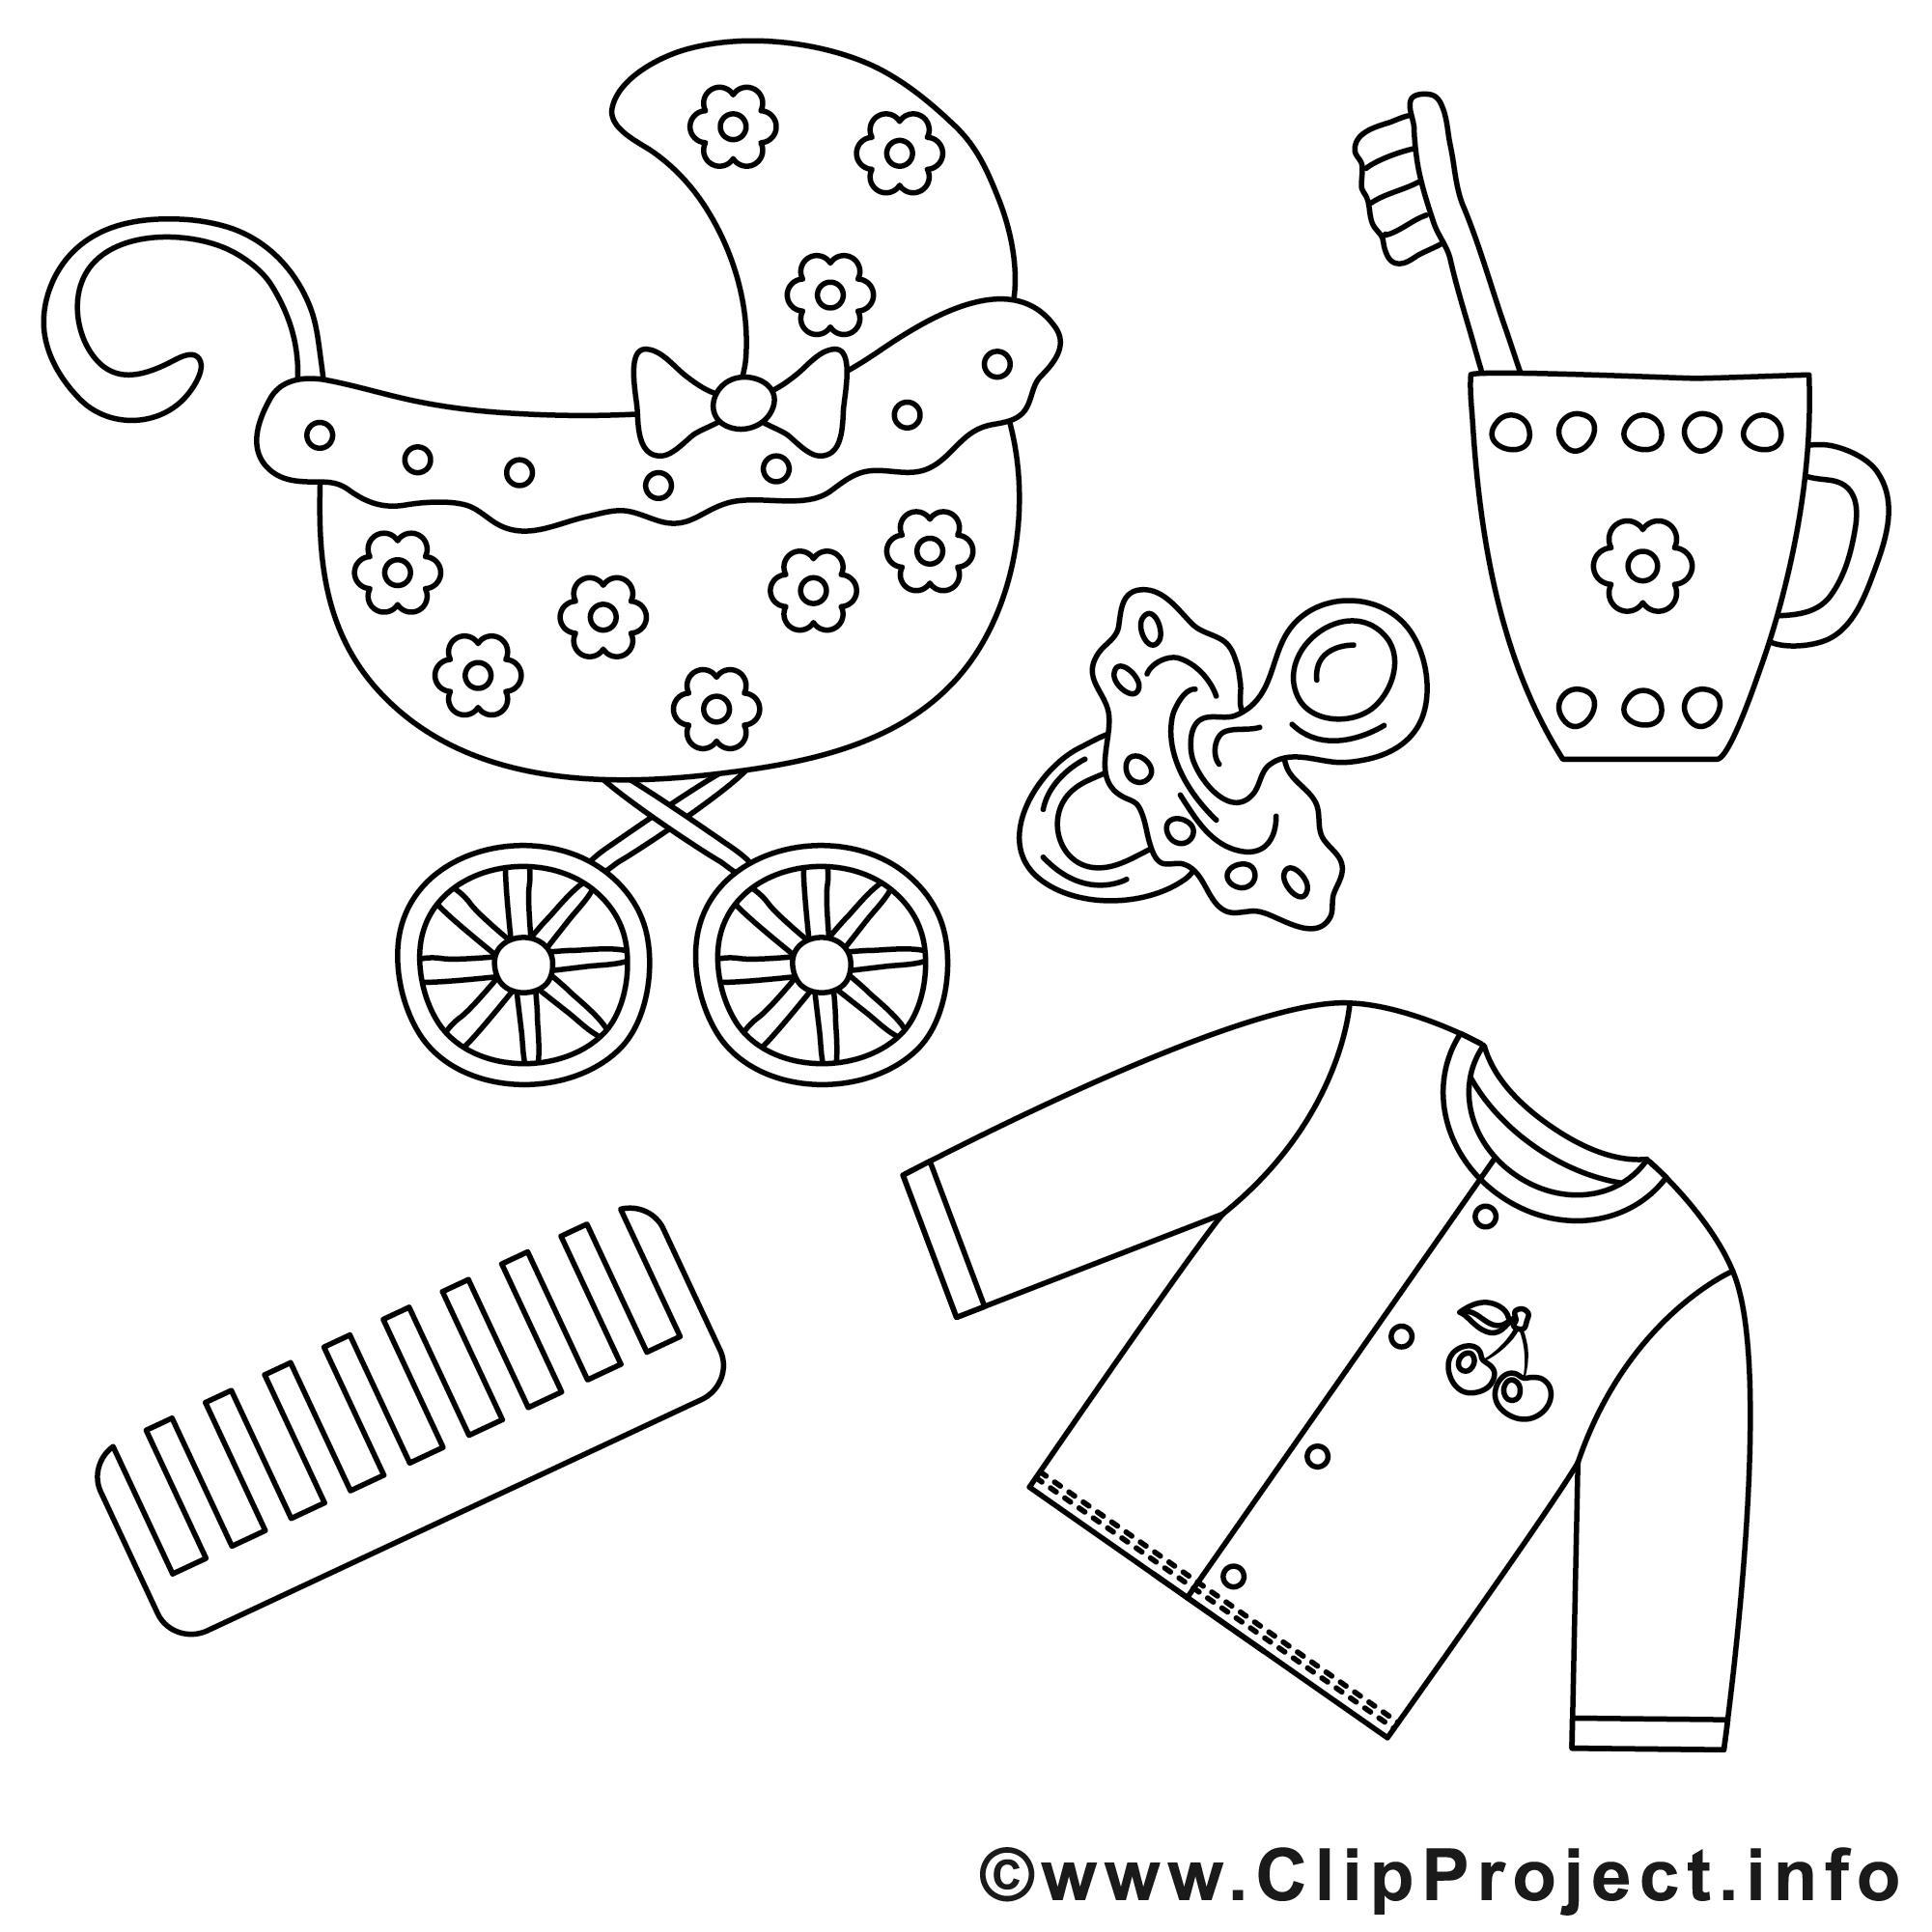 poussette images  bébé gratuit à imprimer  bébé